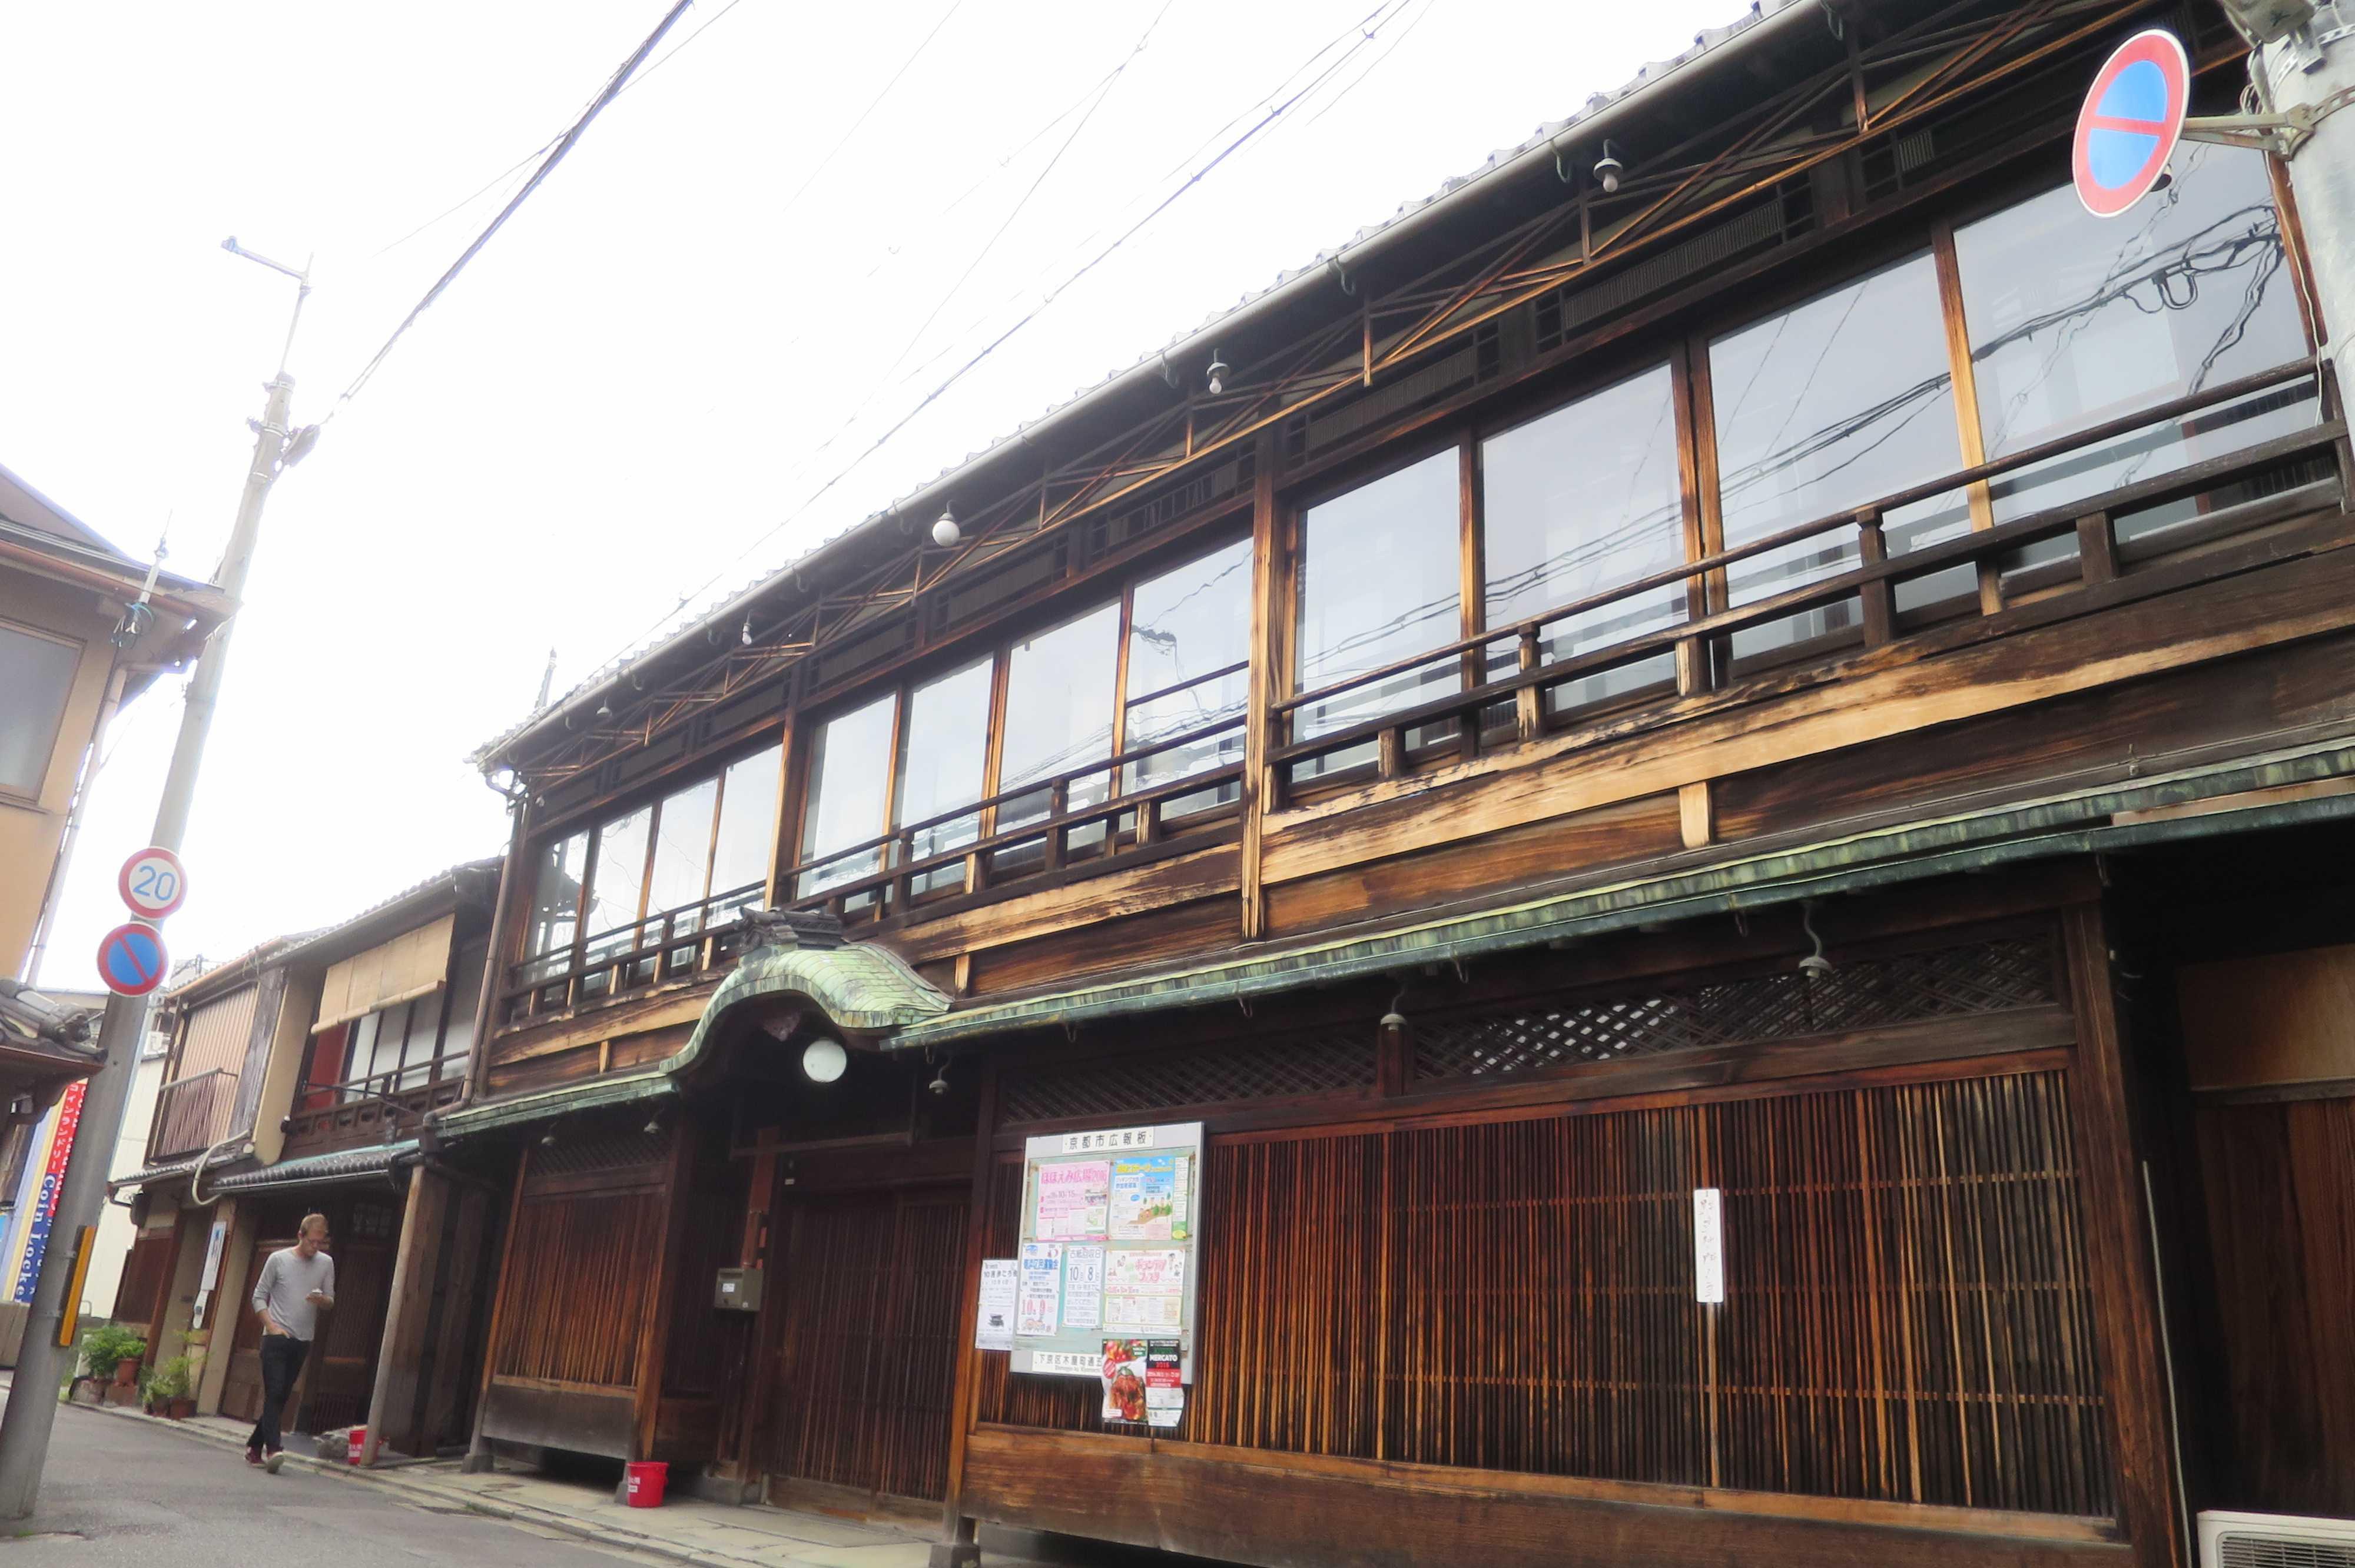 京都・五条 - 銅板葺の唐破風屋根を持った木造建築